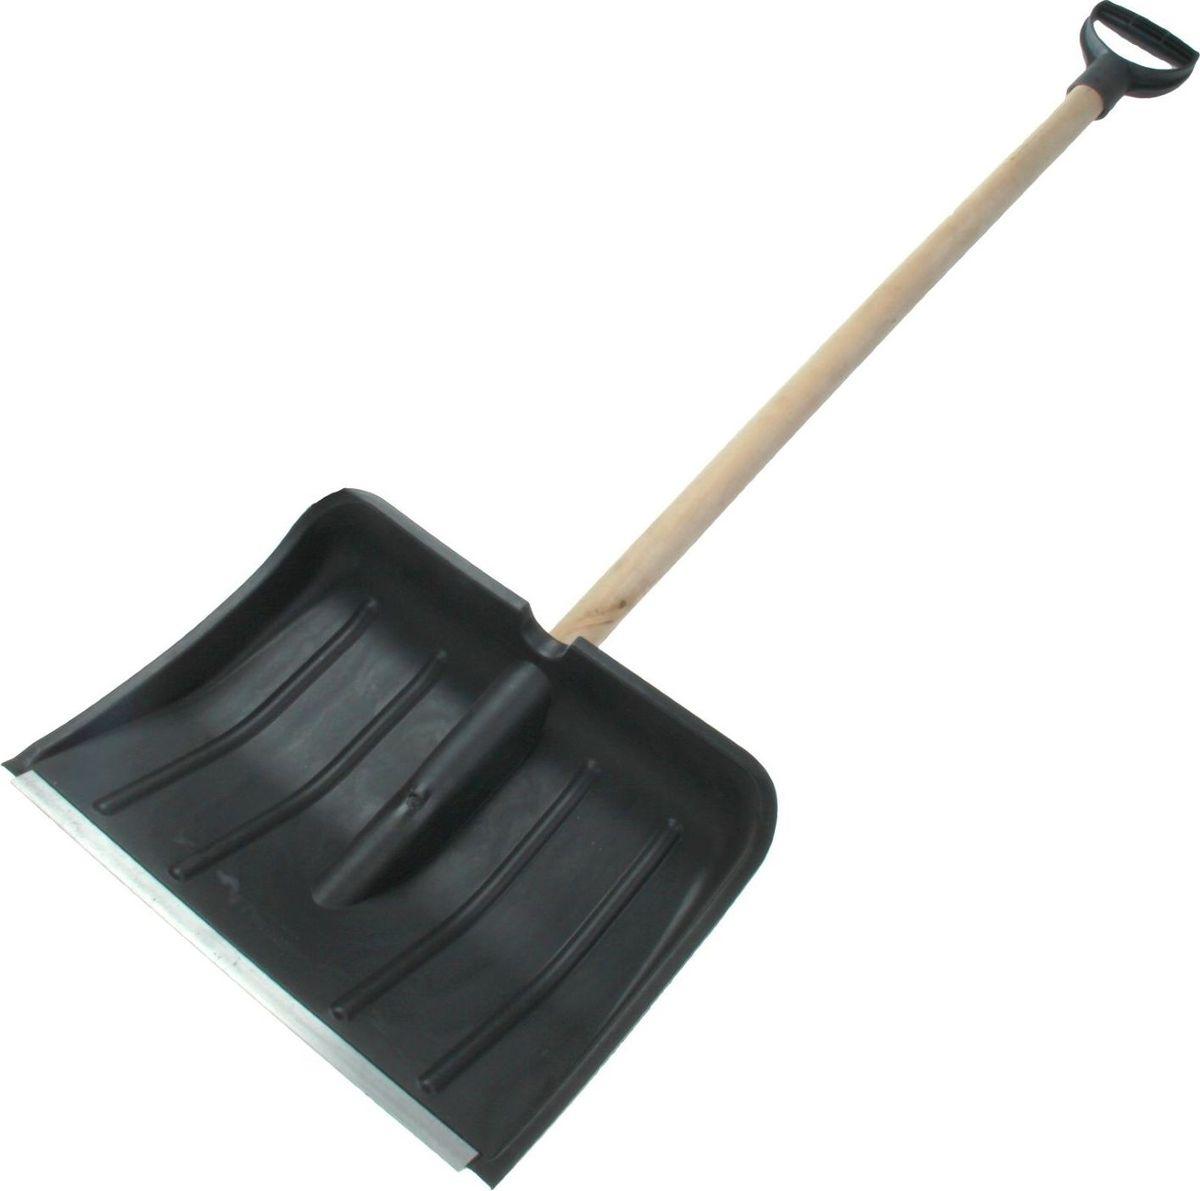 Лопата для снега Berossi Макси, с планкой, черенком и ручкой, длина 135 см531-401Лопата пластиковая 37х48х9,5 см, с планкой, с черенком, с ручкой Макси - самый необходимый инструмент на вашем садовом участке! Она оборудована специальным алюминиевым профилем, чтоб укрепить кромку совка, и позволит убирать снег и наледь еще эффективней. Специальная форма способствует комфортной работе, а сверхпрочный белорусский пластик устойчив к перепадам температур. Удобный деревянный черенок выдержит любые нагрузки, он легкий и комфортен в использовании. Небольшая ортопедическая ручка на конце будет удобным дополнением к конструкции. Будьте готовы к любым погодным неожиданностям!